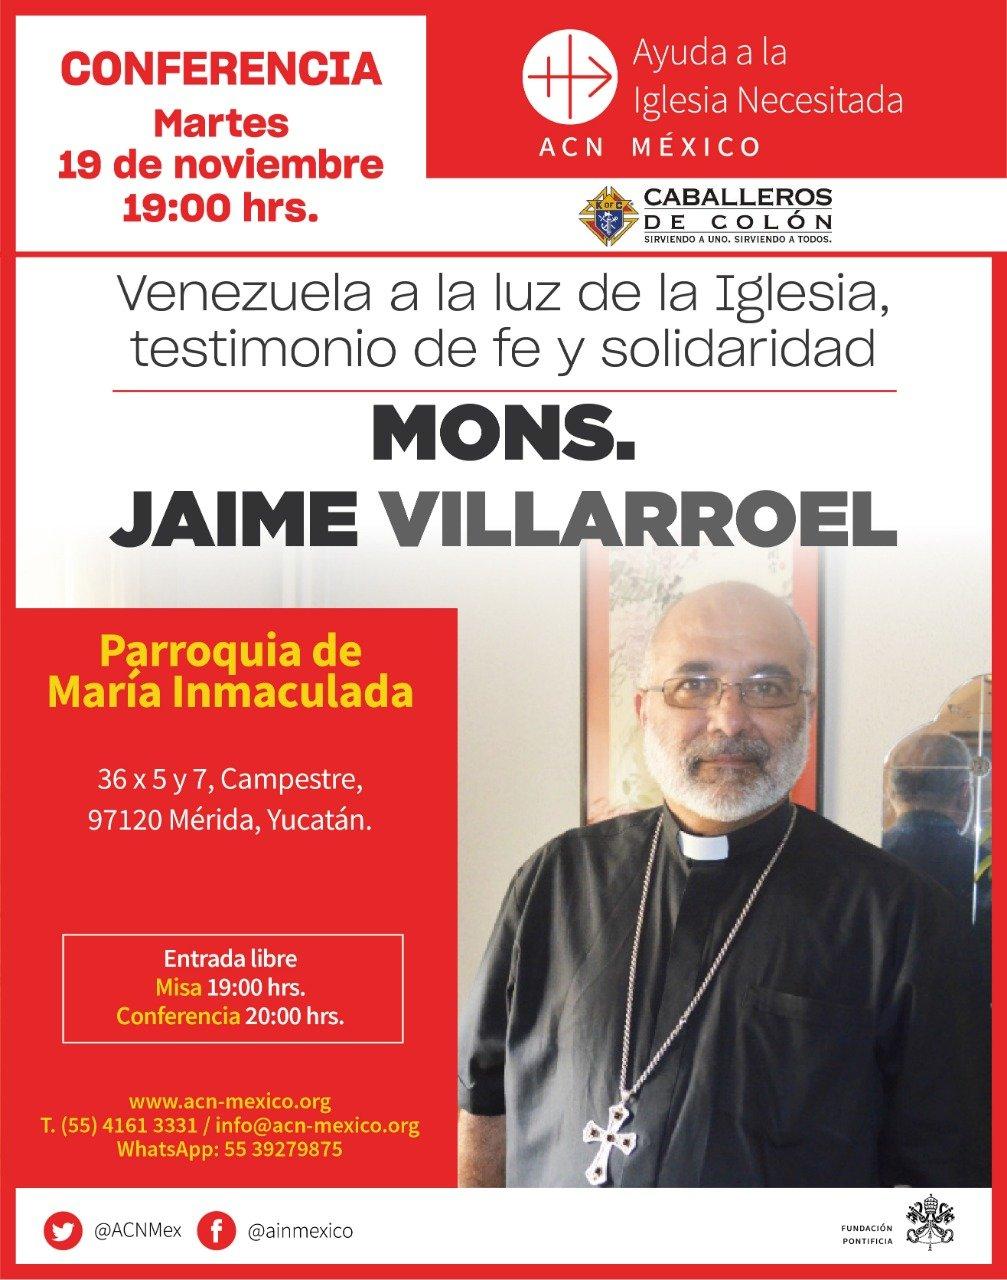 Obispo de Venezuela visita México